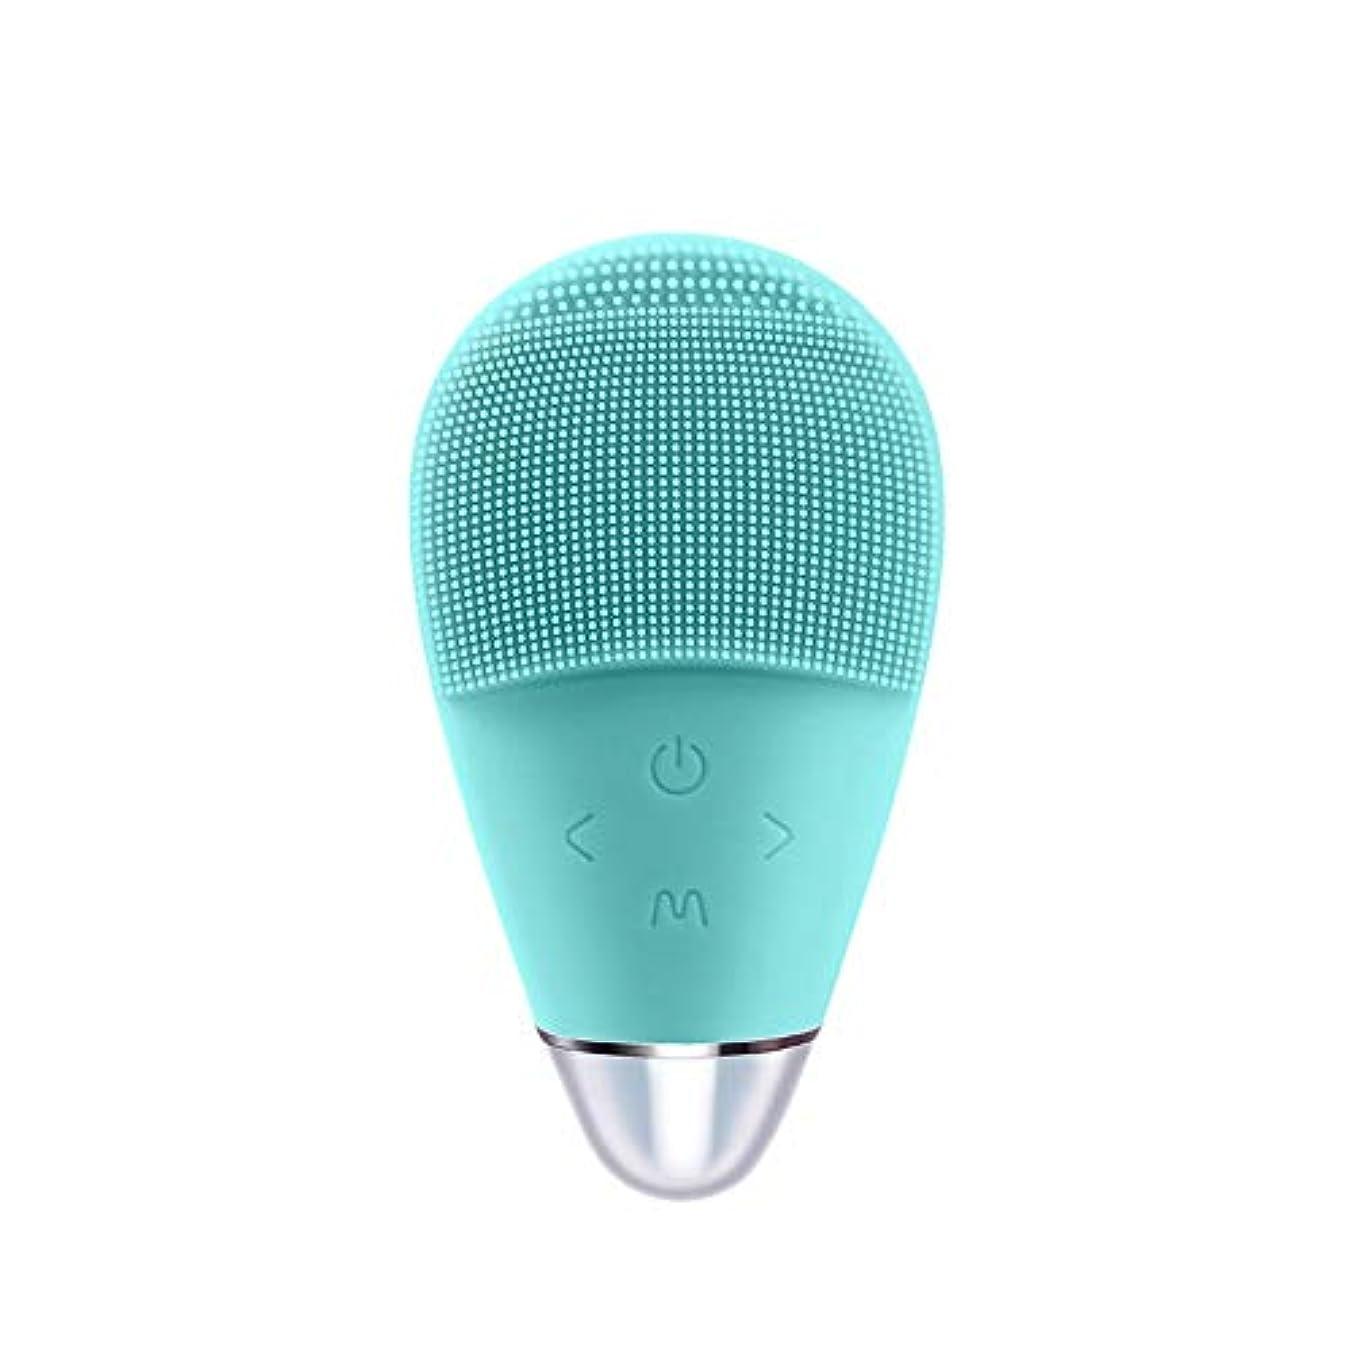 バーストプログラム一般的に言えばシリコーン洗浄器具電気洗濯機超音波美容器具顔の毛穴クリーナー (Color : Blue)